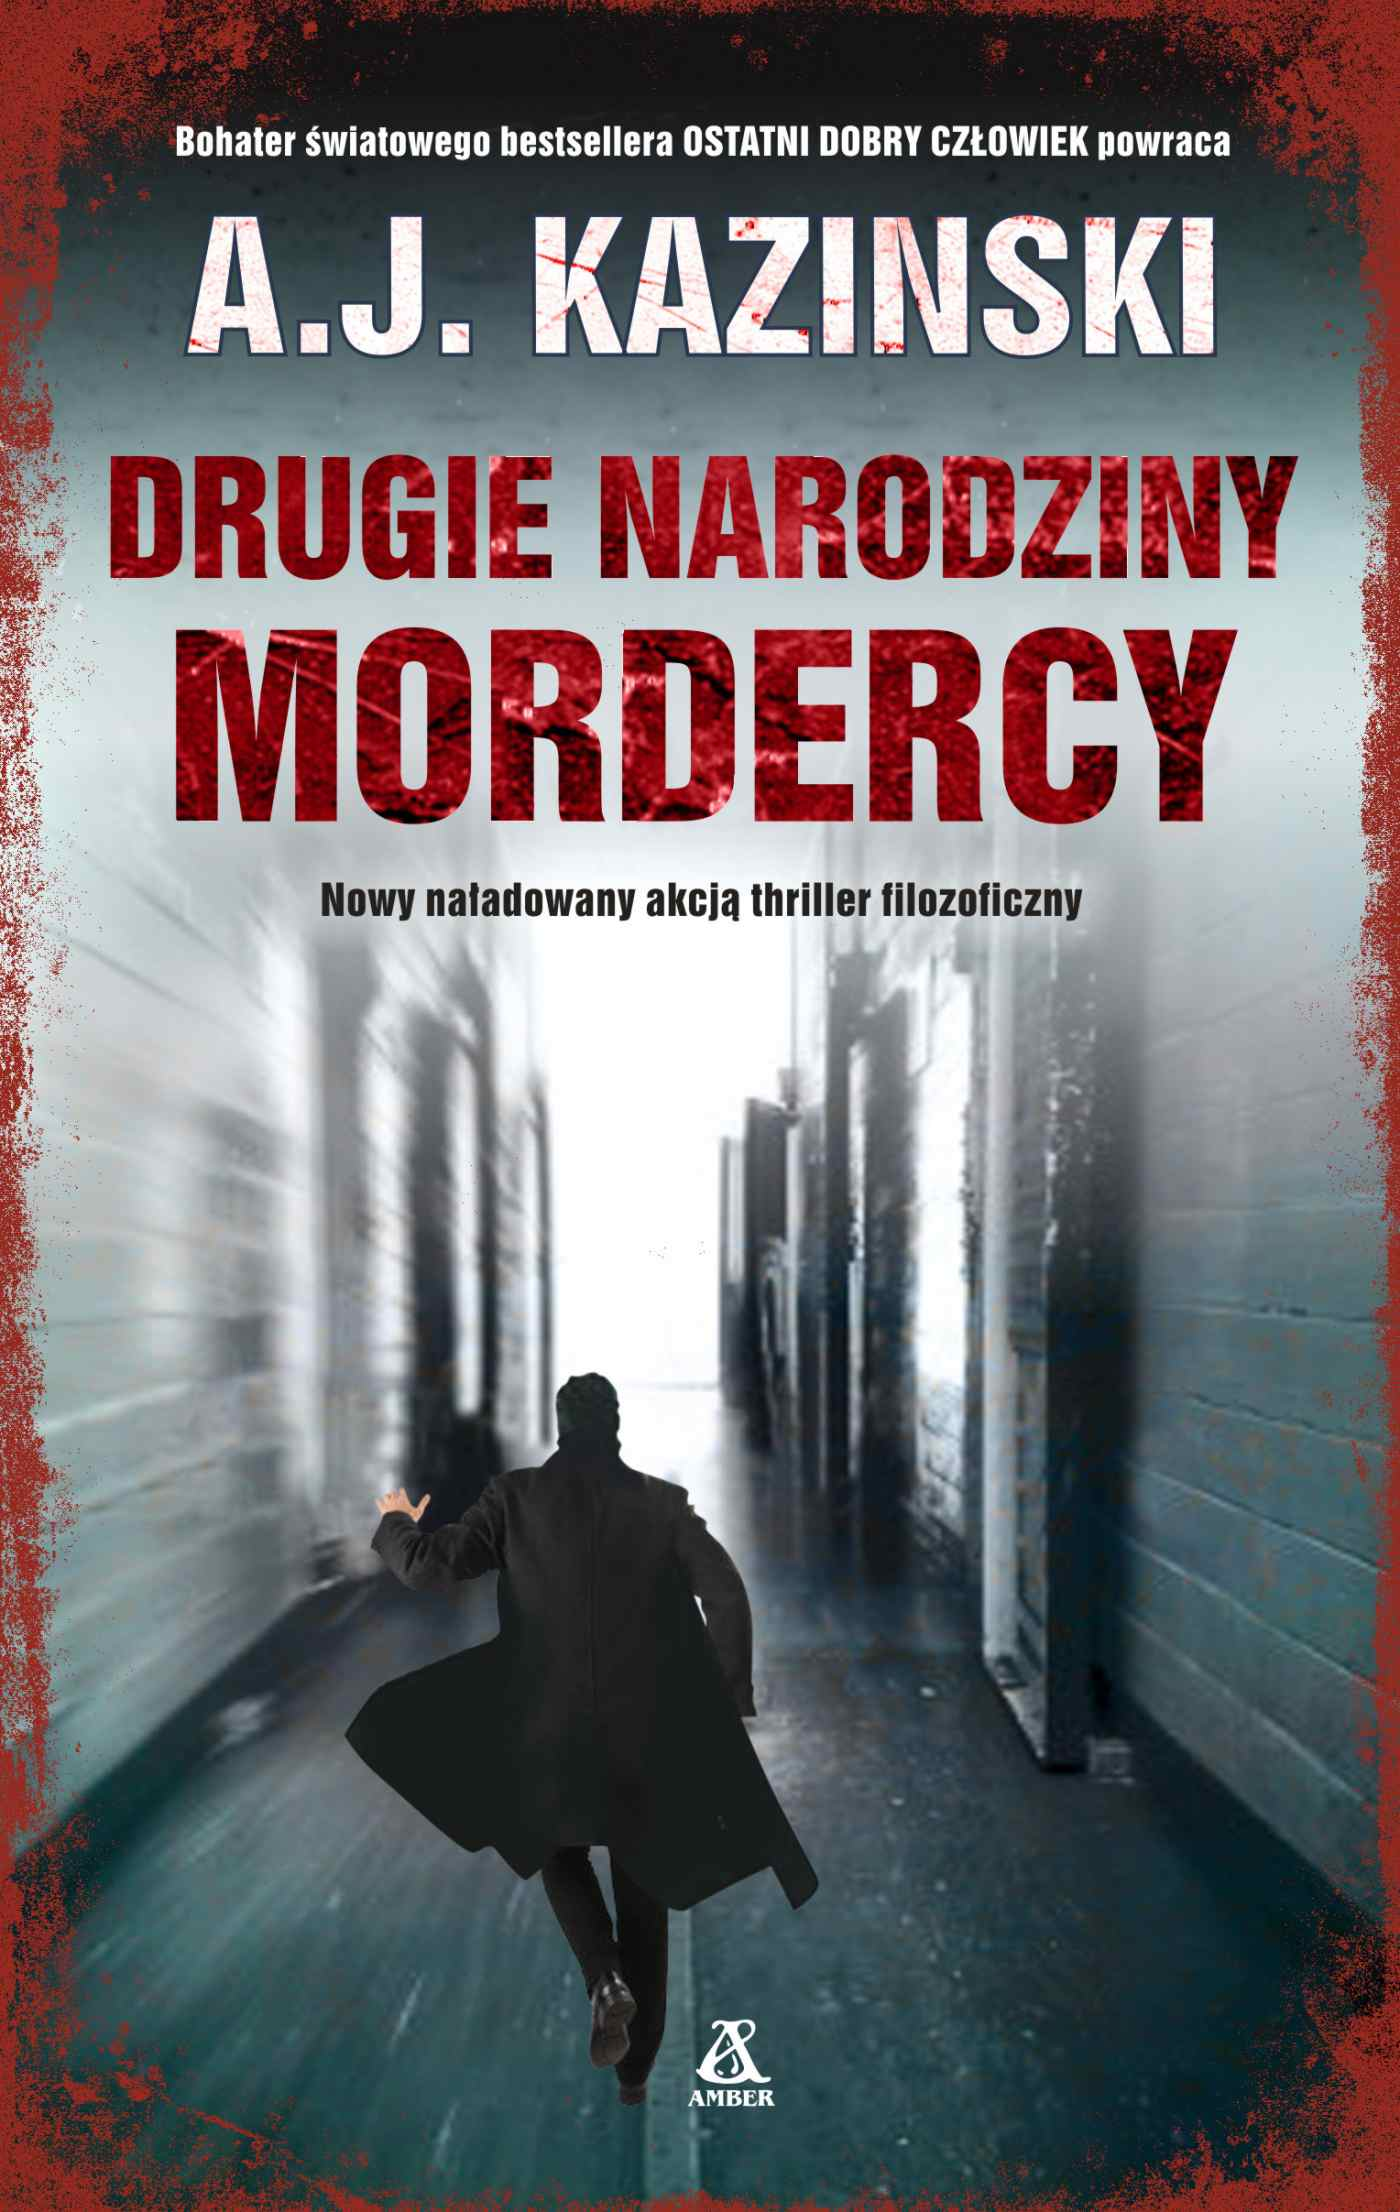 Drugie narodziny mordercy - Ebook (Książka EPUB) do pobrania w formacie EPUB